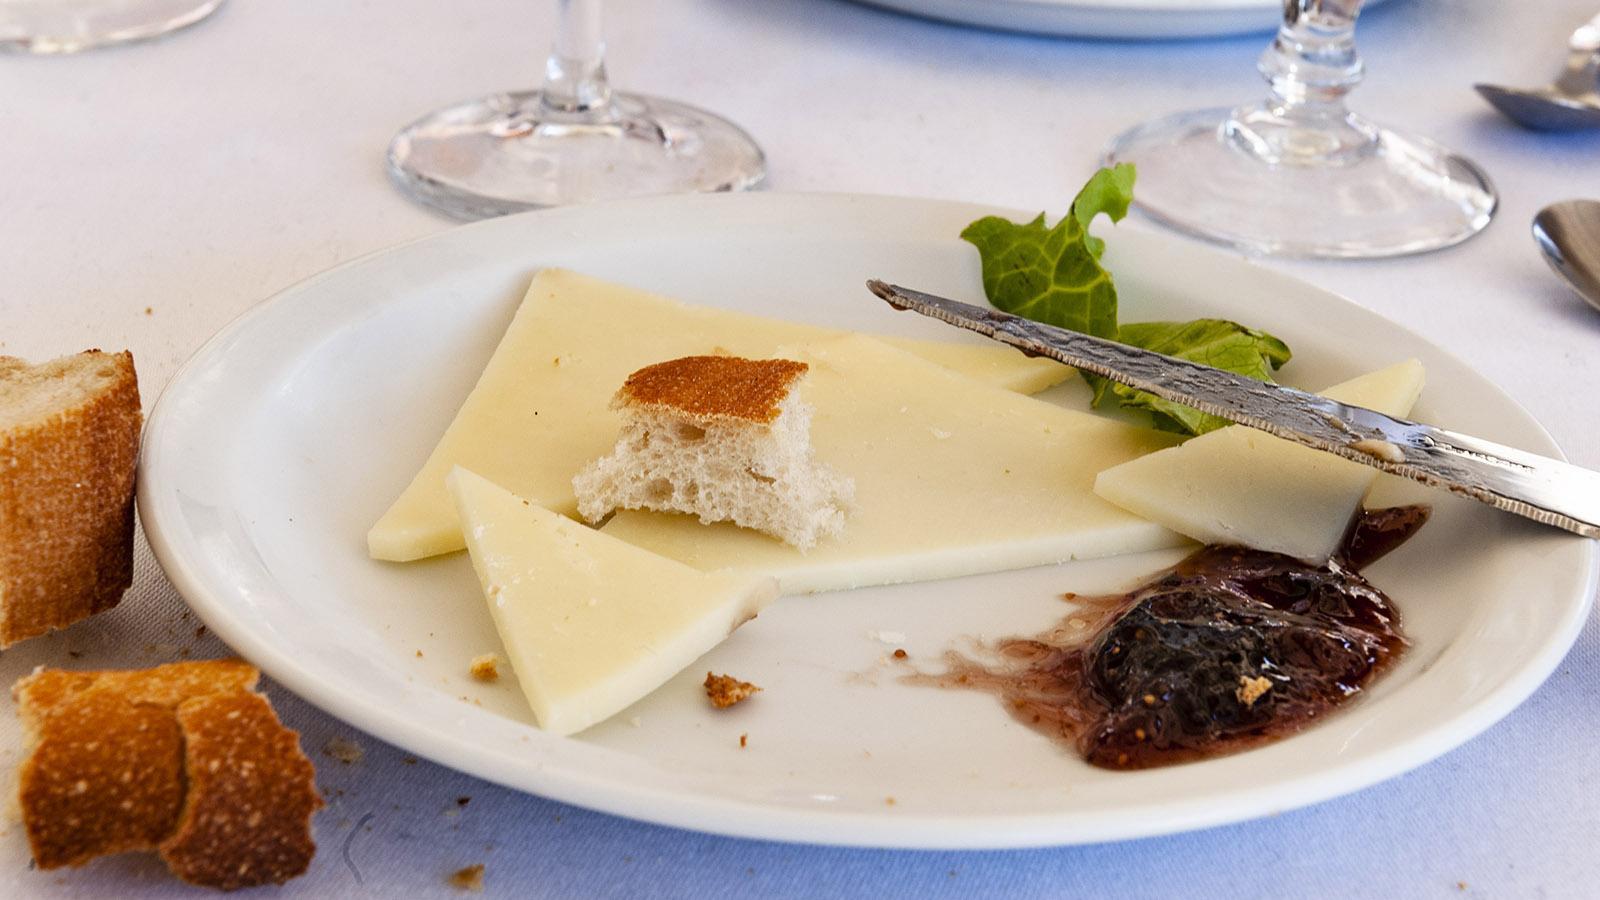 Zum Bauernkäse aus Korsika wird gerne ein süßer Fruchtaufstrich genossen.